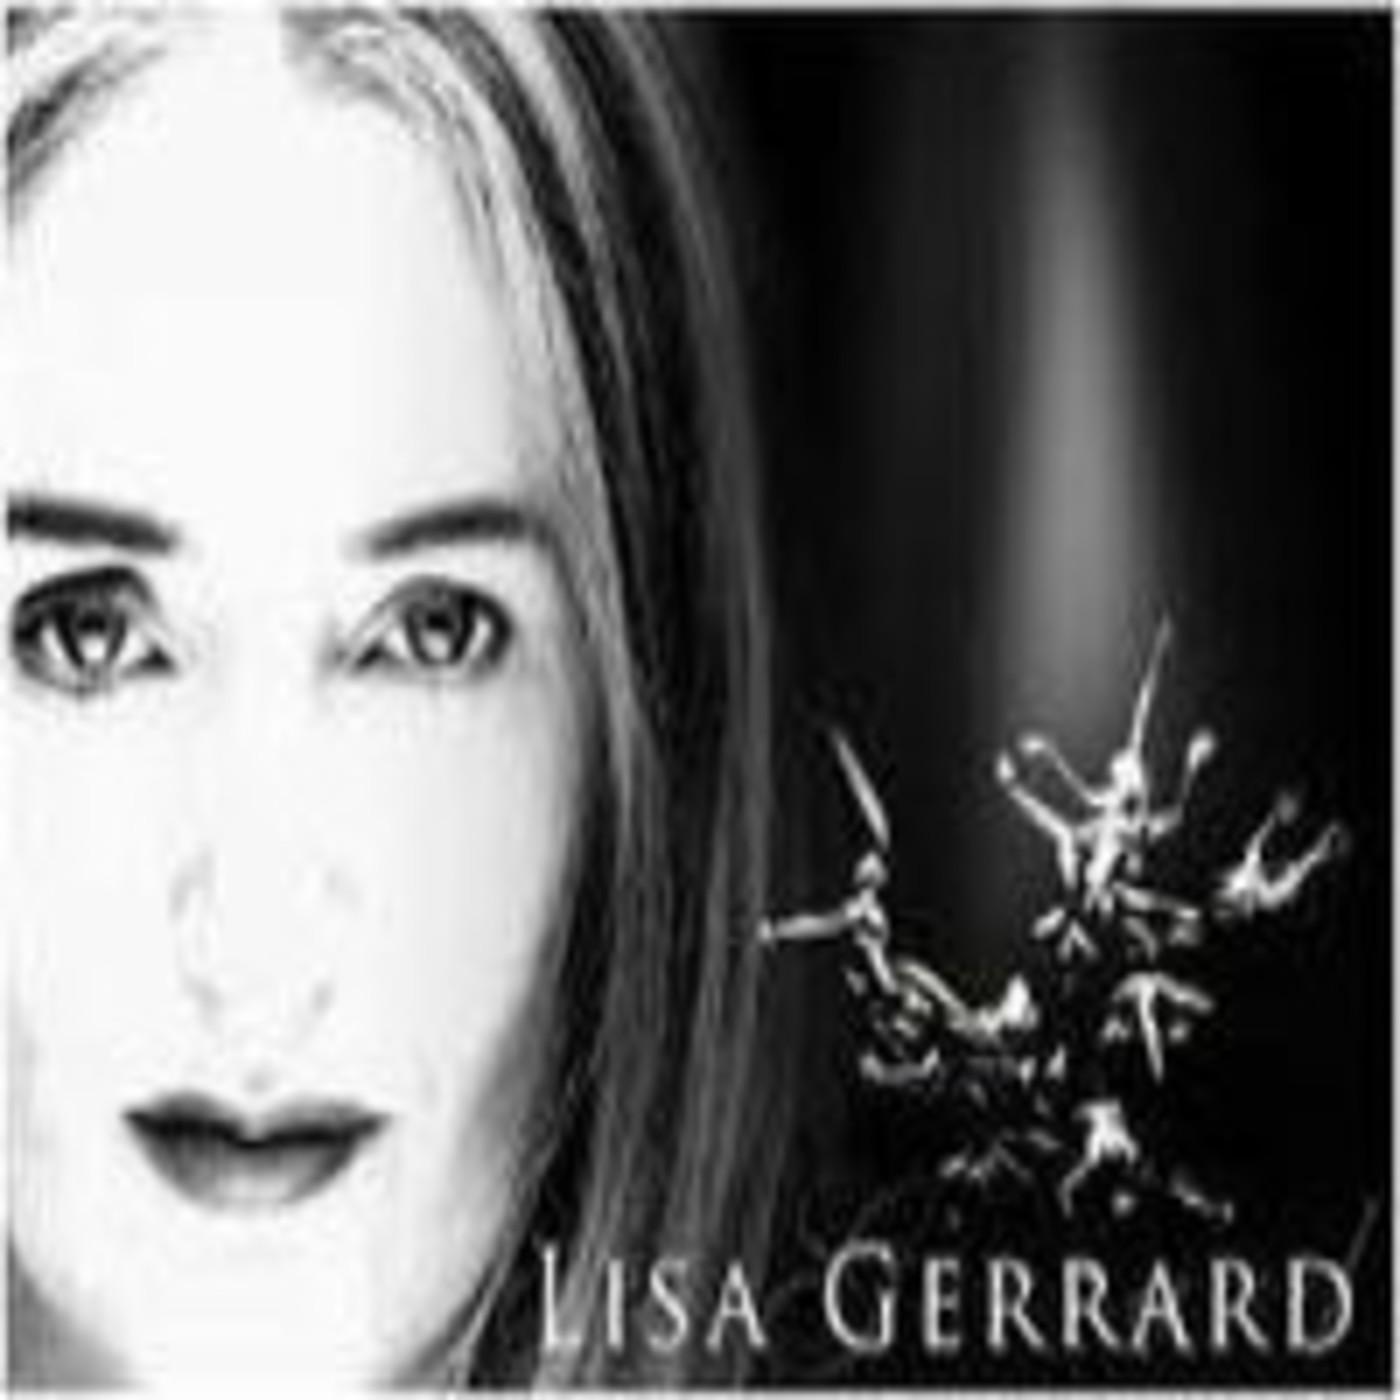 Lisa gerrard the secret language of angels en musicas for Cuarto milenio radio horario